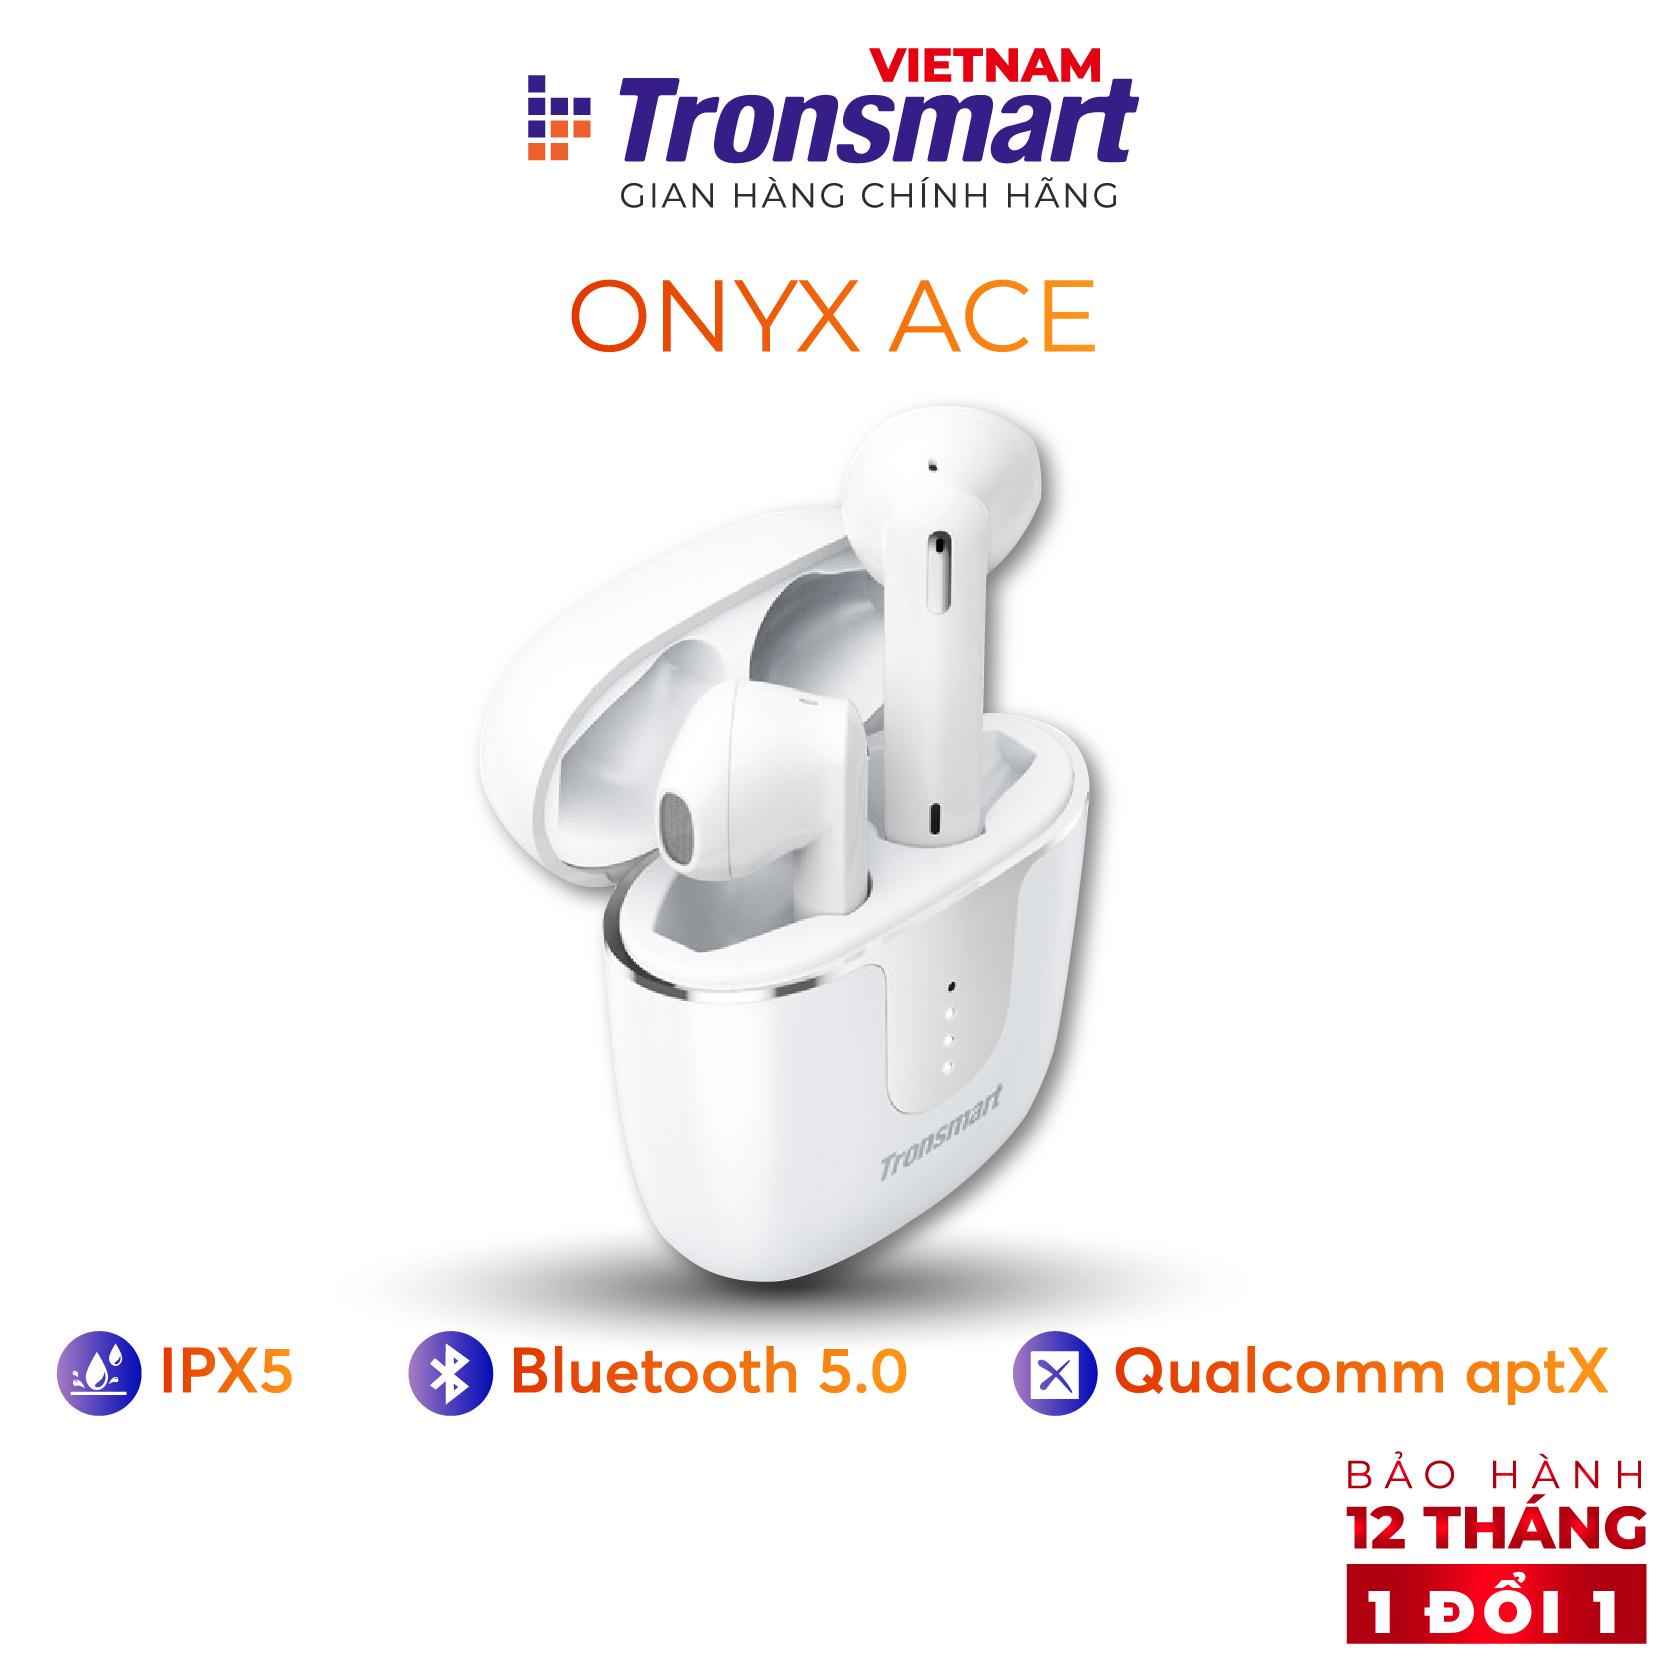 [VOUCHER 7% tối đa 500K] Tai nghe Bluetooth 5.0 Tronsmart Onyx Ace Chống nước IPX5 Khử tiếng ồn - Hàng chính hãng - Bảo hành 12 tháng 1 đổi 1